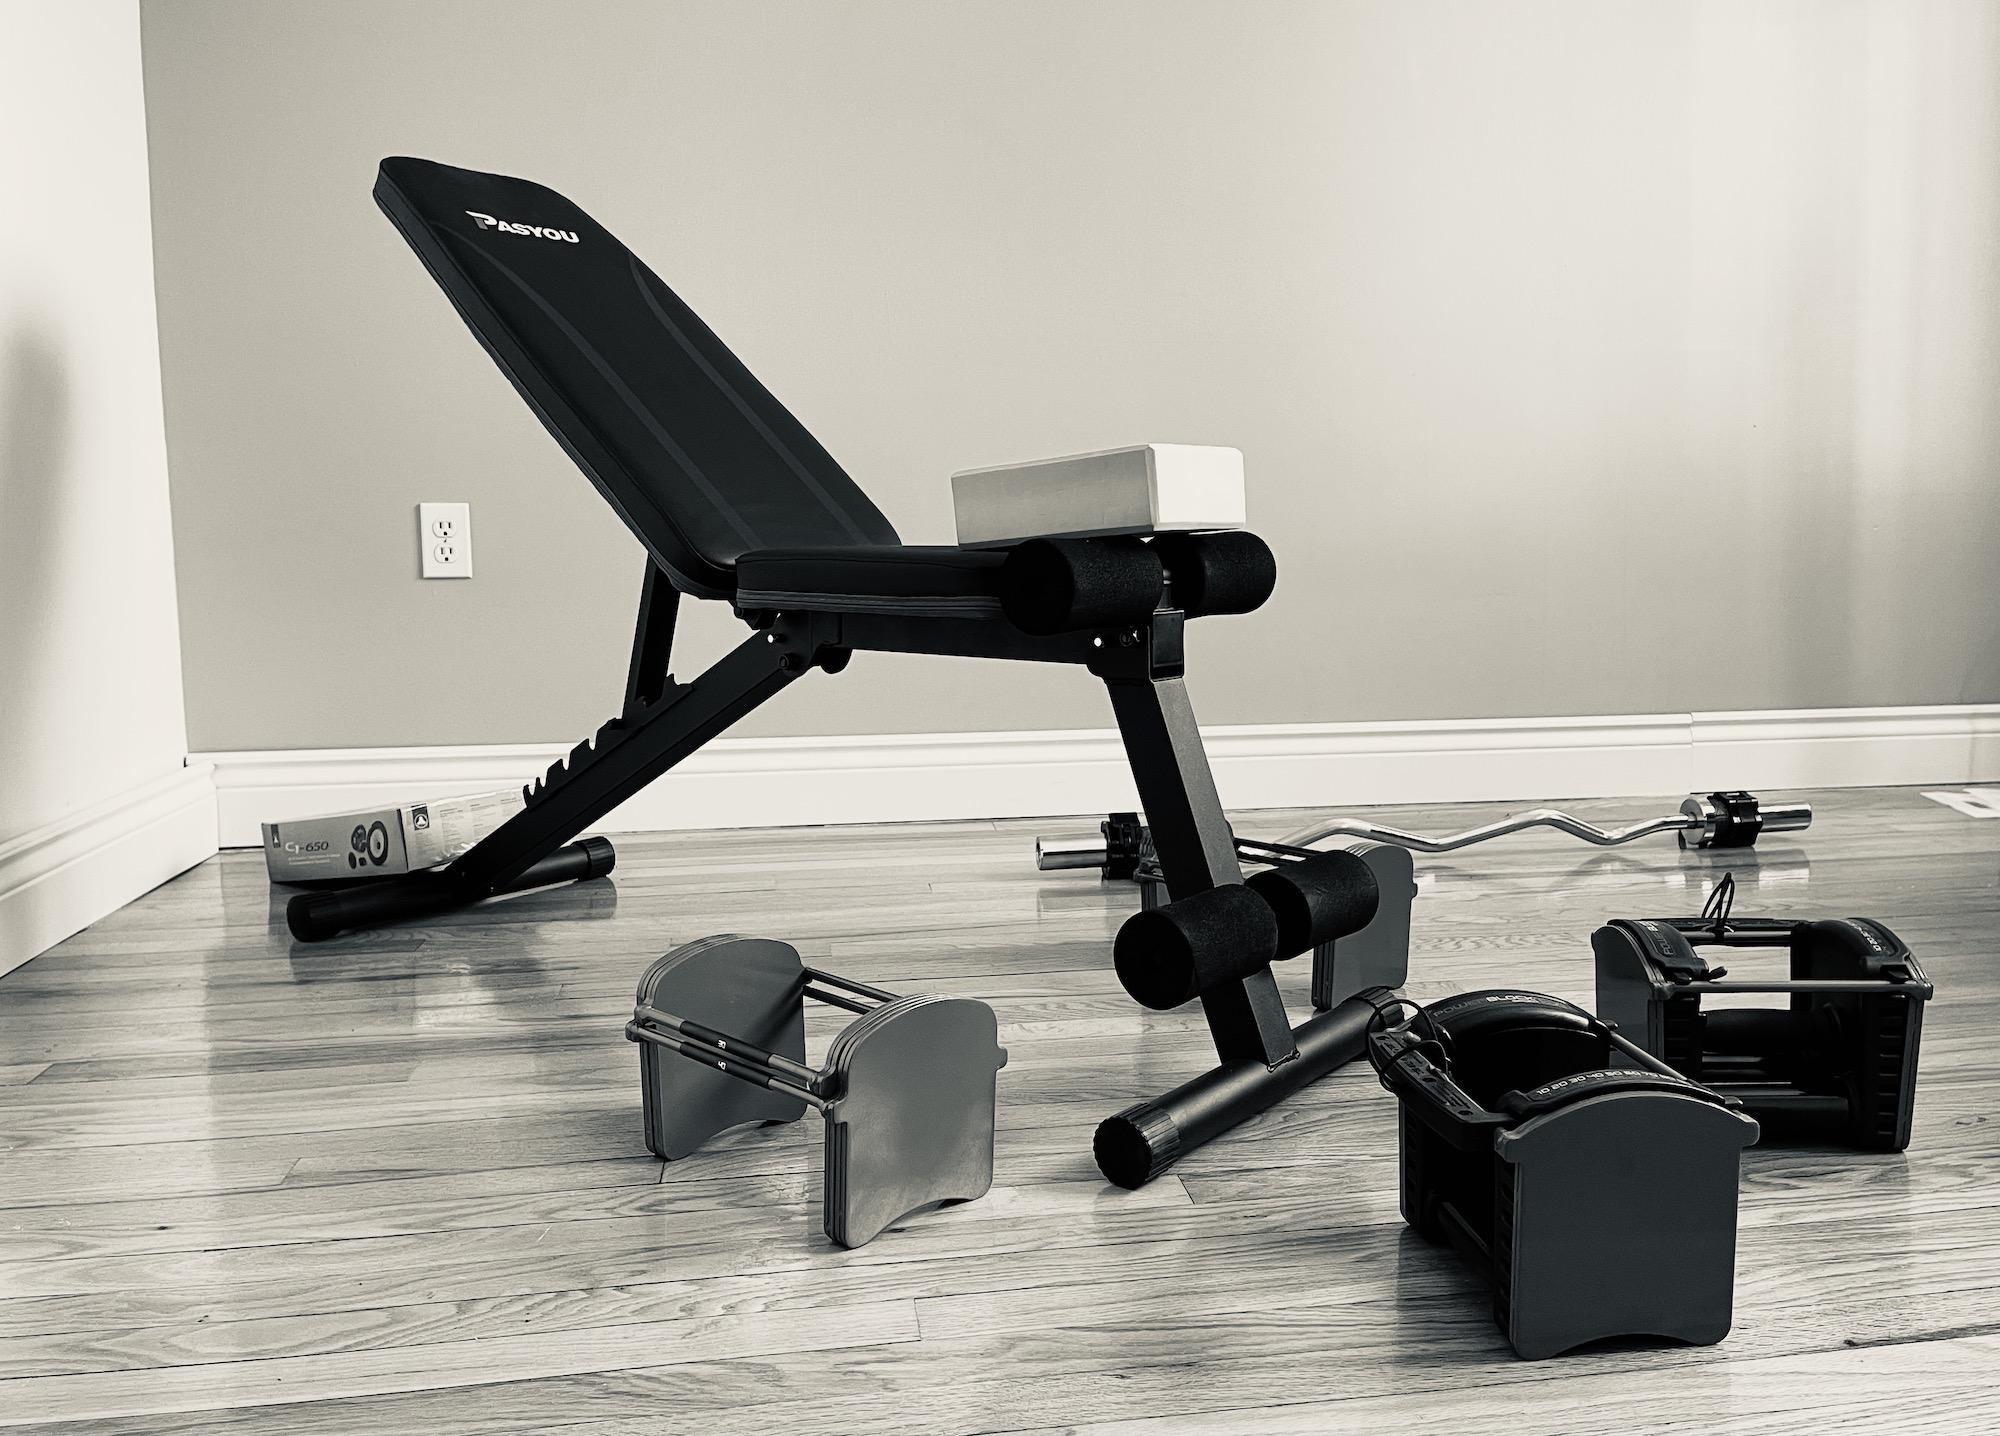 Configurer un gym maison avec une seule paire de dumbbells